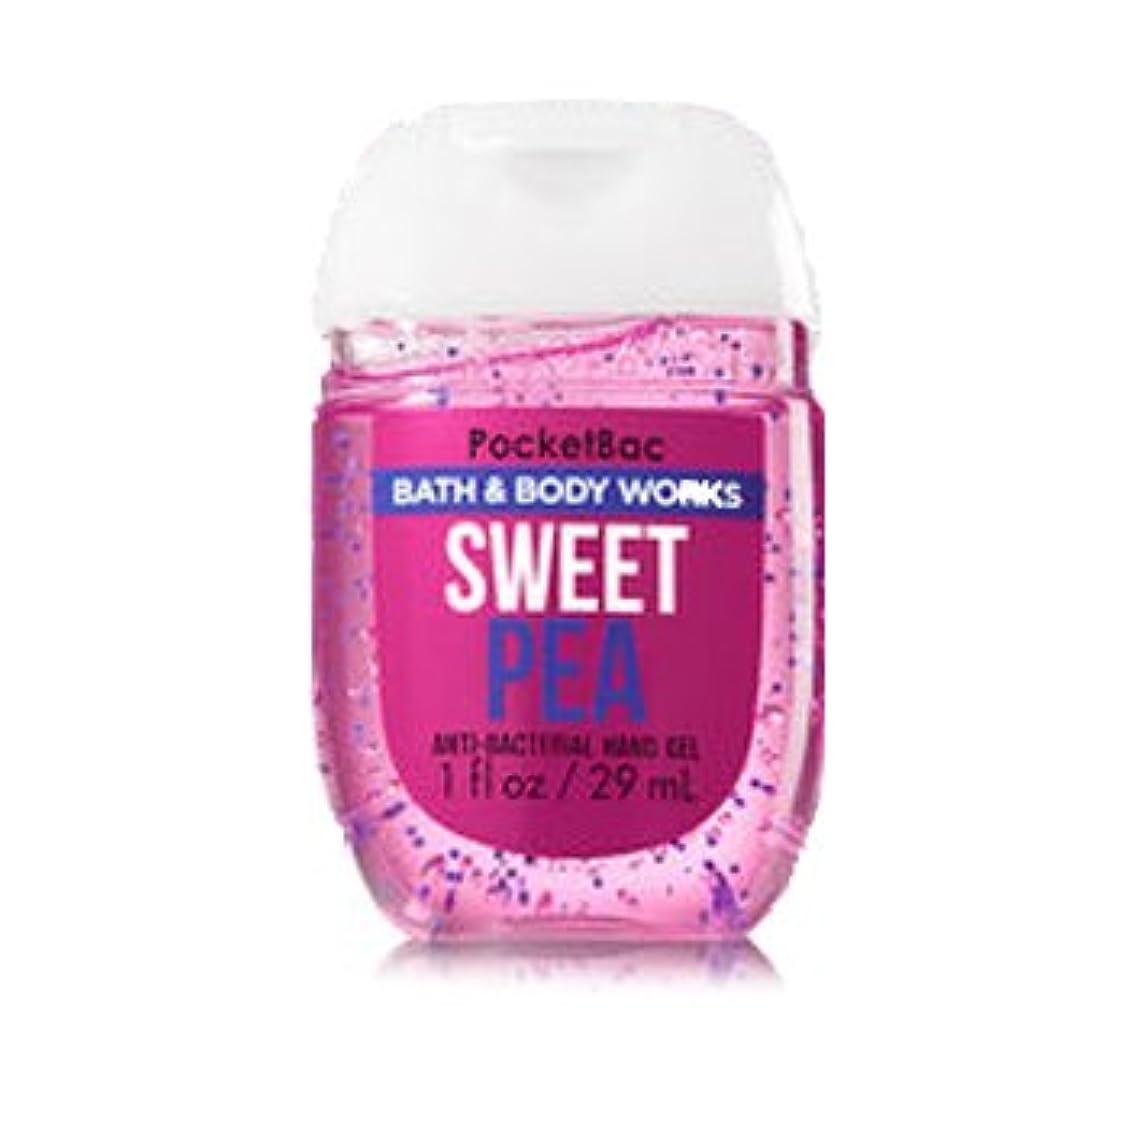 飛ぶかる過言バス&ボディワークス ハンドジェル 29ml スウィートピー Bath&Body Works Anti-Bacterial PocketBac Sanitizing Hand Gel Sweet Pea [並行輸入品]